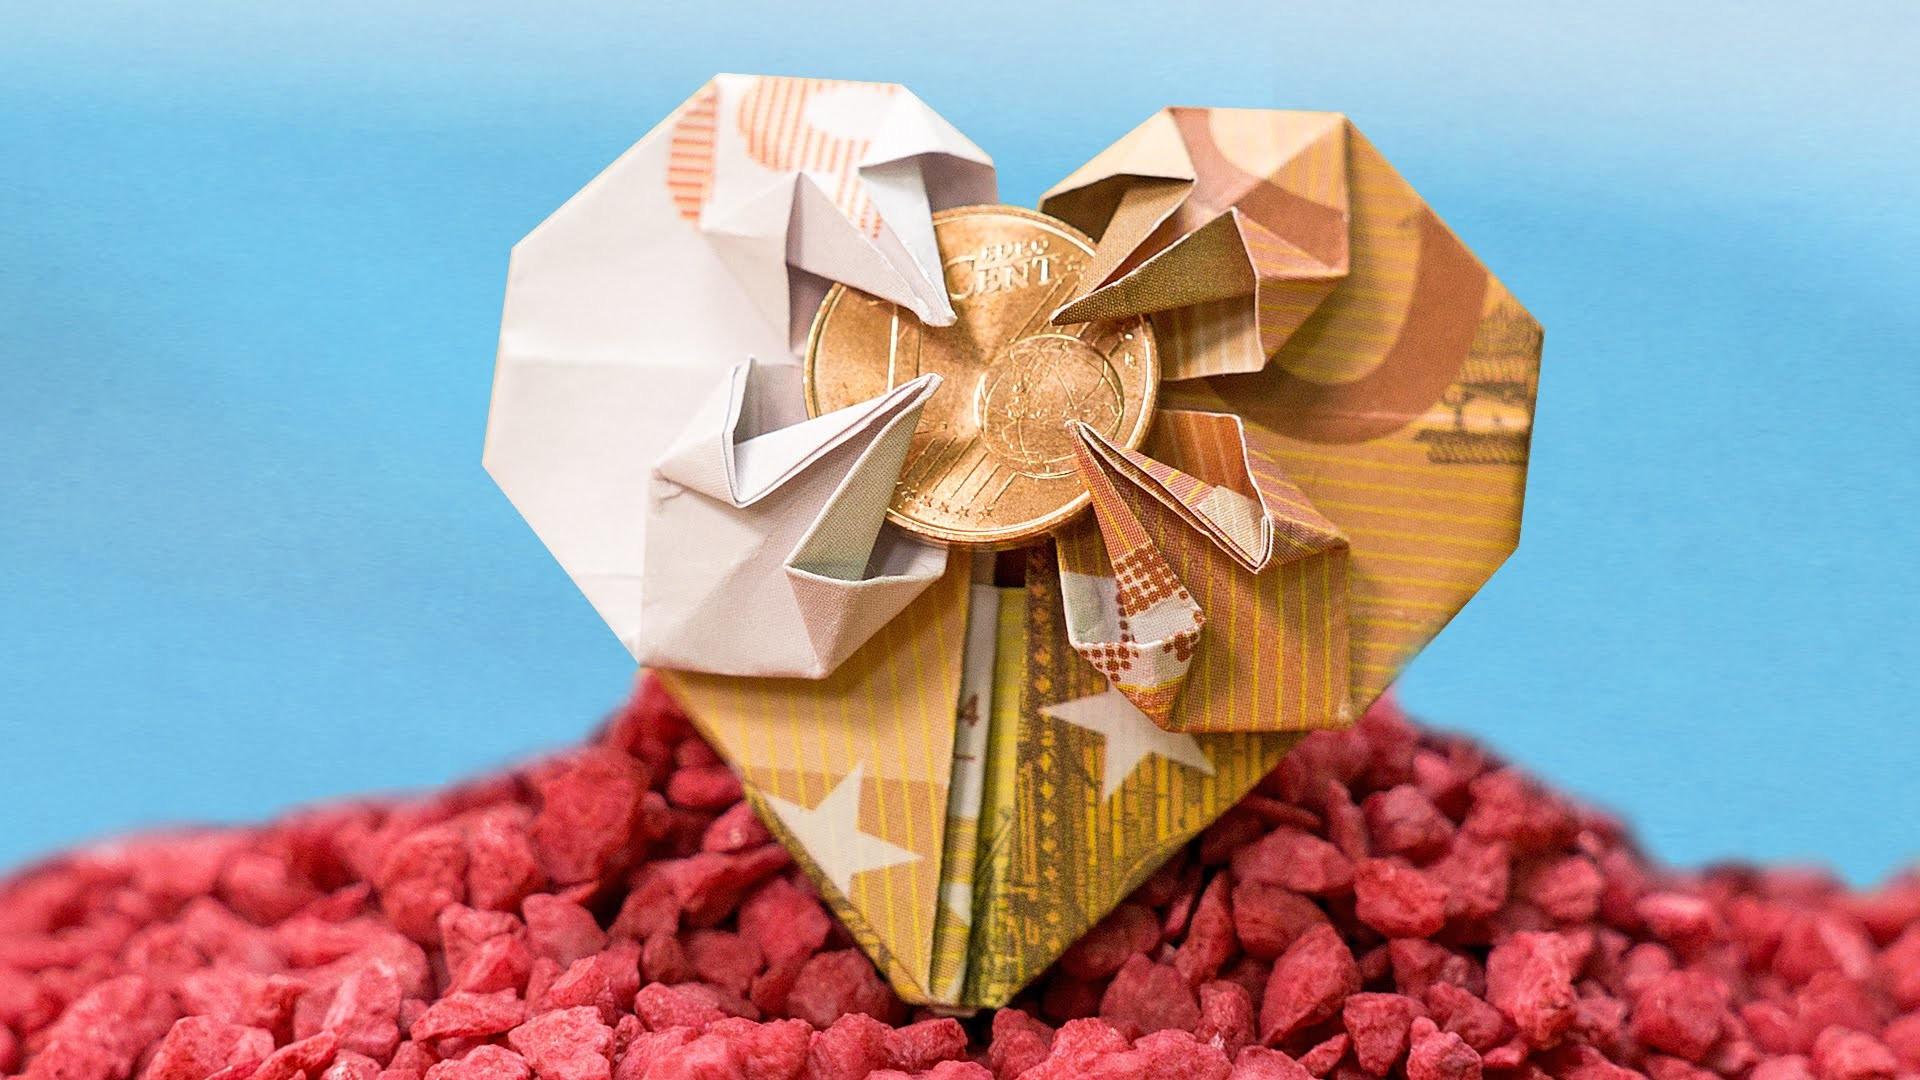 Geldscheine Falten Hochzeit Herz  Geschenkidee zur Hochzeit Geldschein zu einem Herz falten